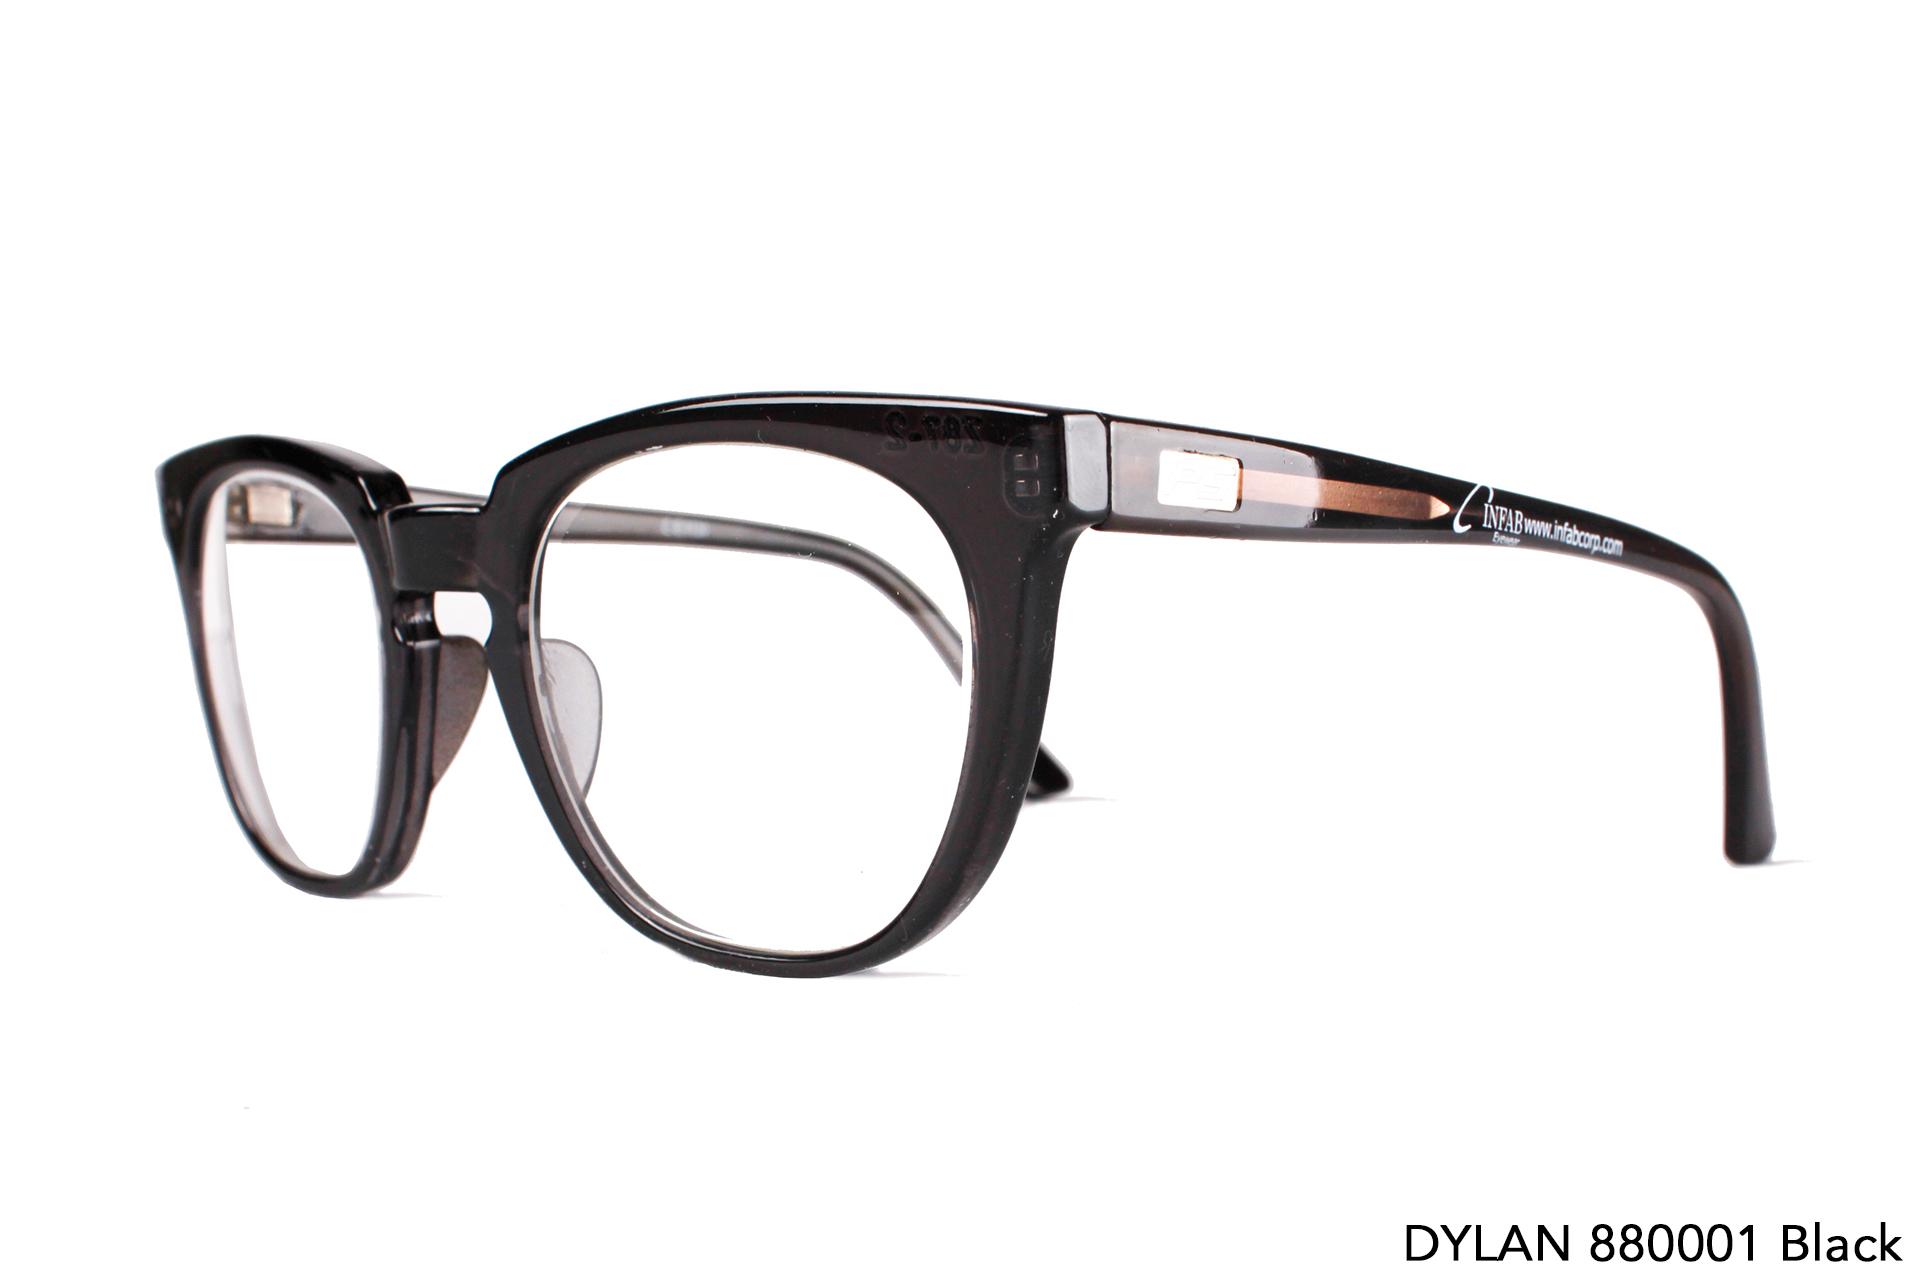 dylan-880001-side